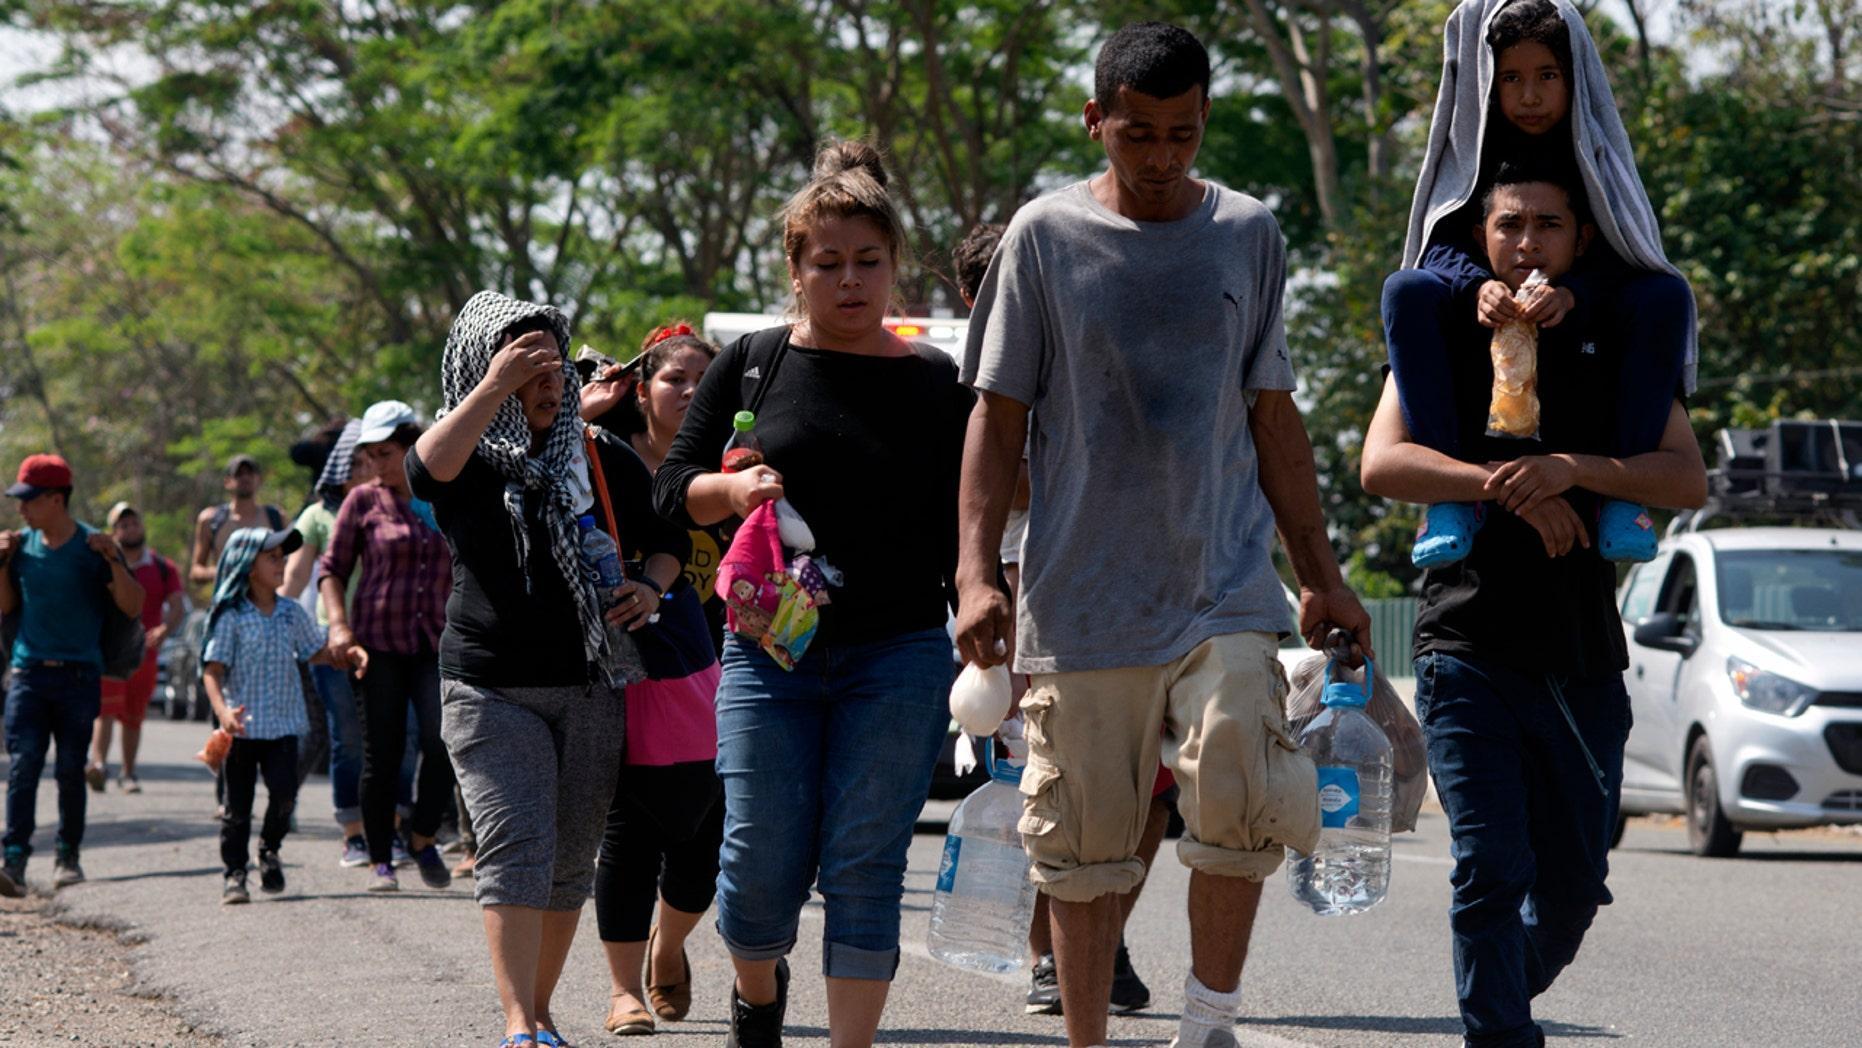 مهاجران امریکای مرکزی در یک جاده در Tapachula، Chiapas State، مکزیک، پنجشنبه. (AP Photo / Isabel Mateos)